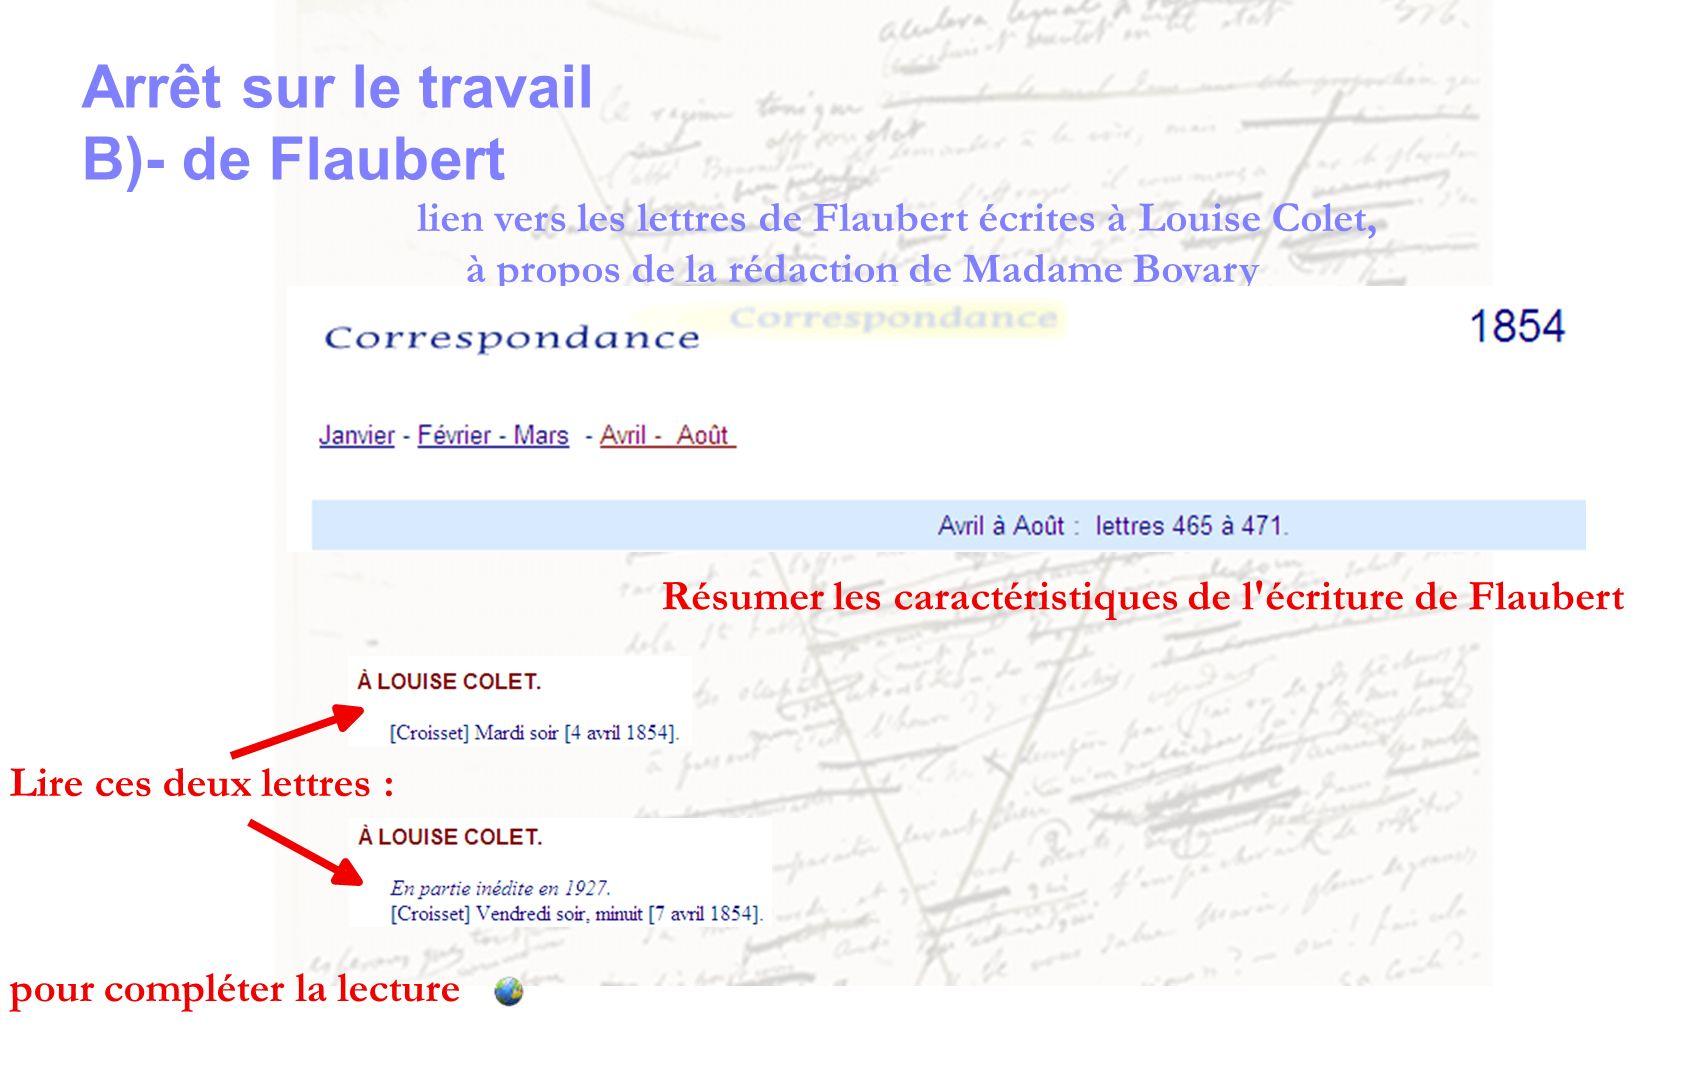 Arrêt sur le travail B)- de Flaubert lien vers les lettres de Flaubert écrites à Louise Colet, à propos de la rédaction de Madame Bovary Lire ces deux